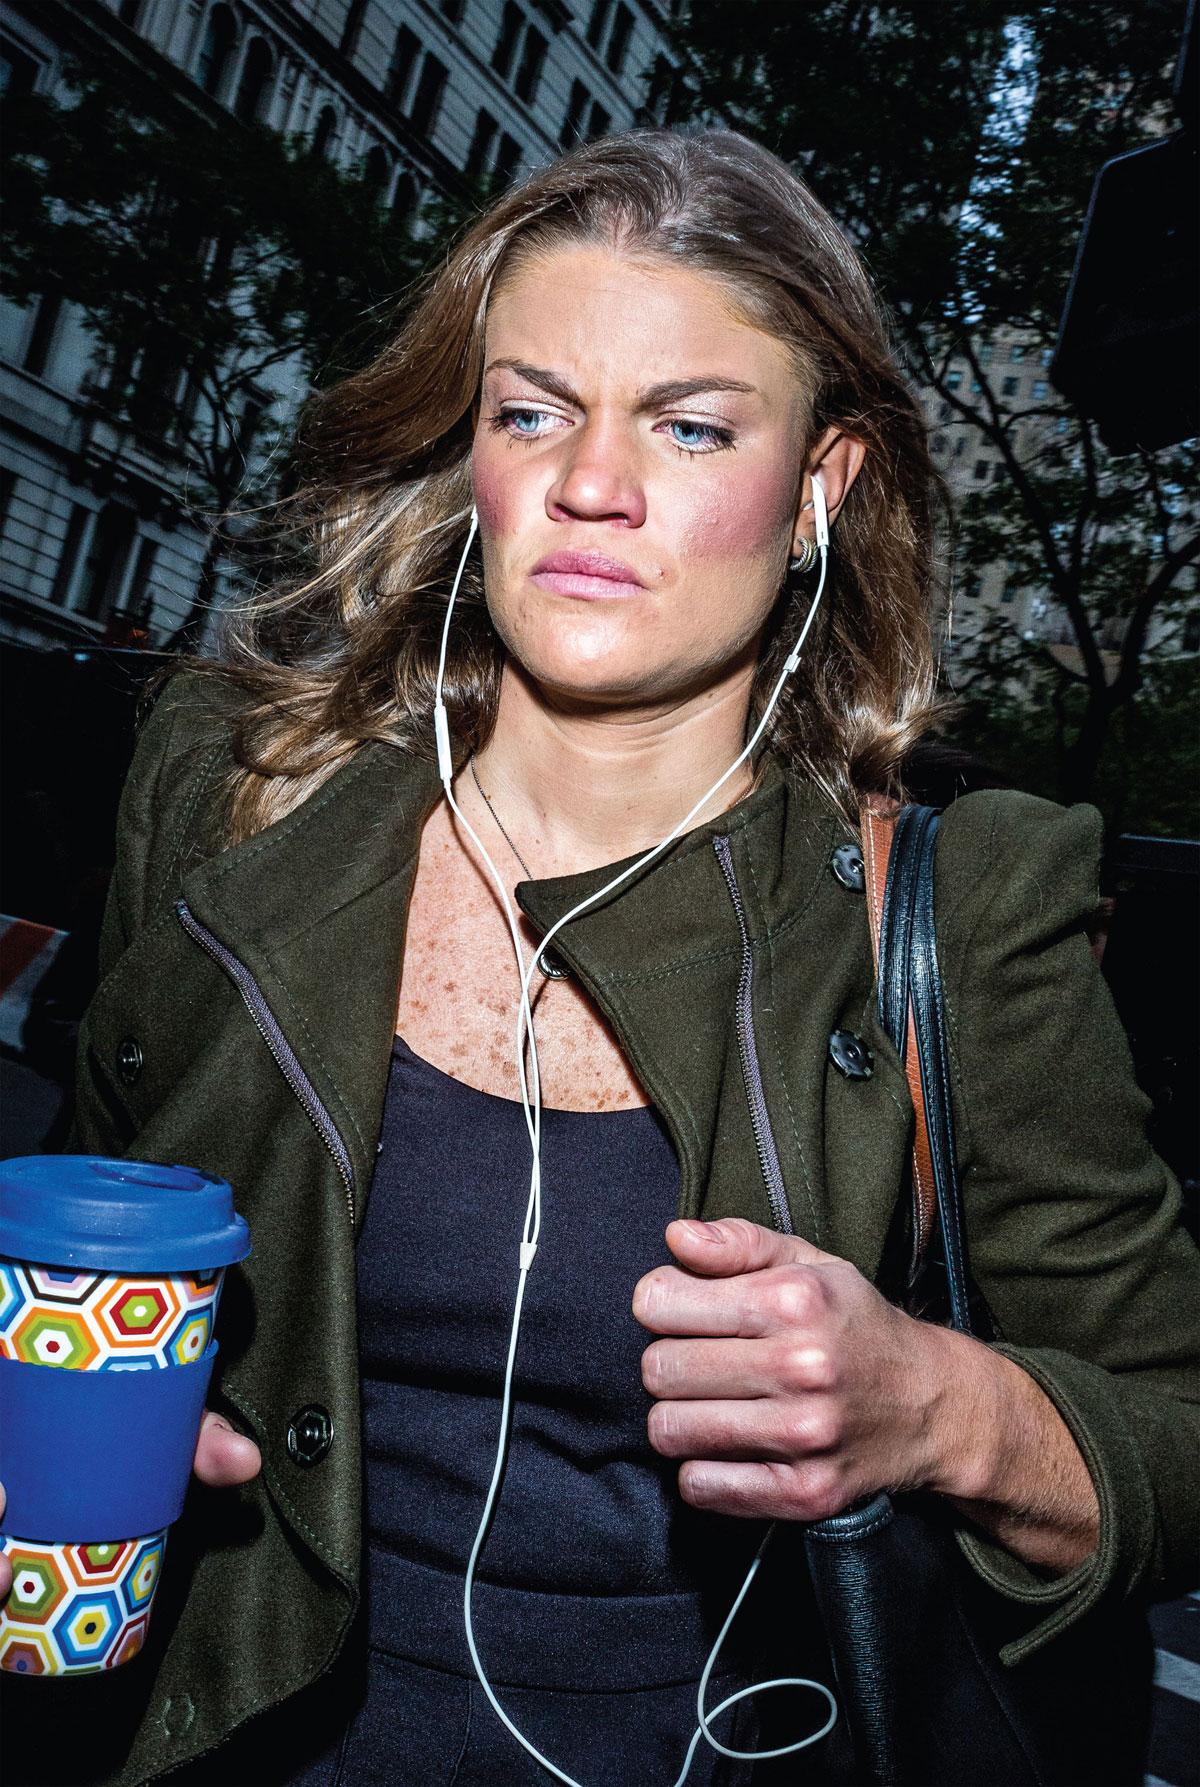 Nők a tőzsdén, avagy a Wall Street farkasai - fotók